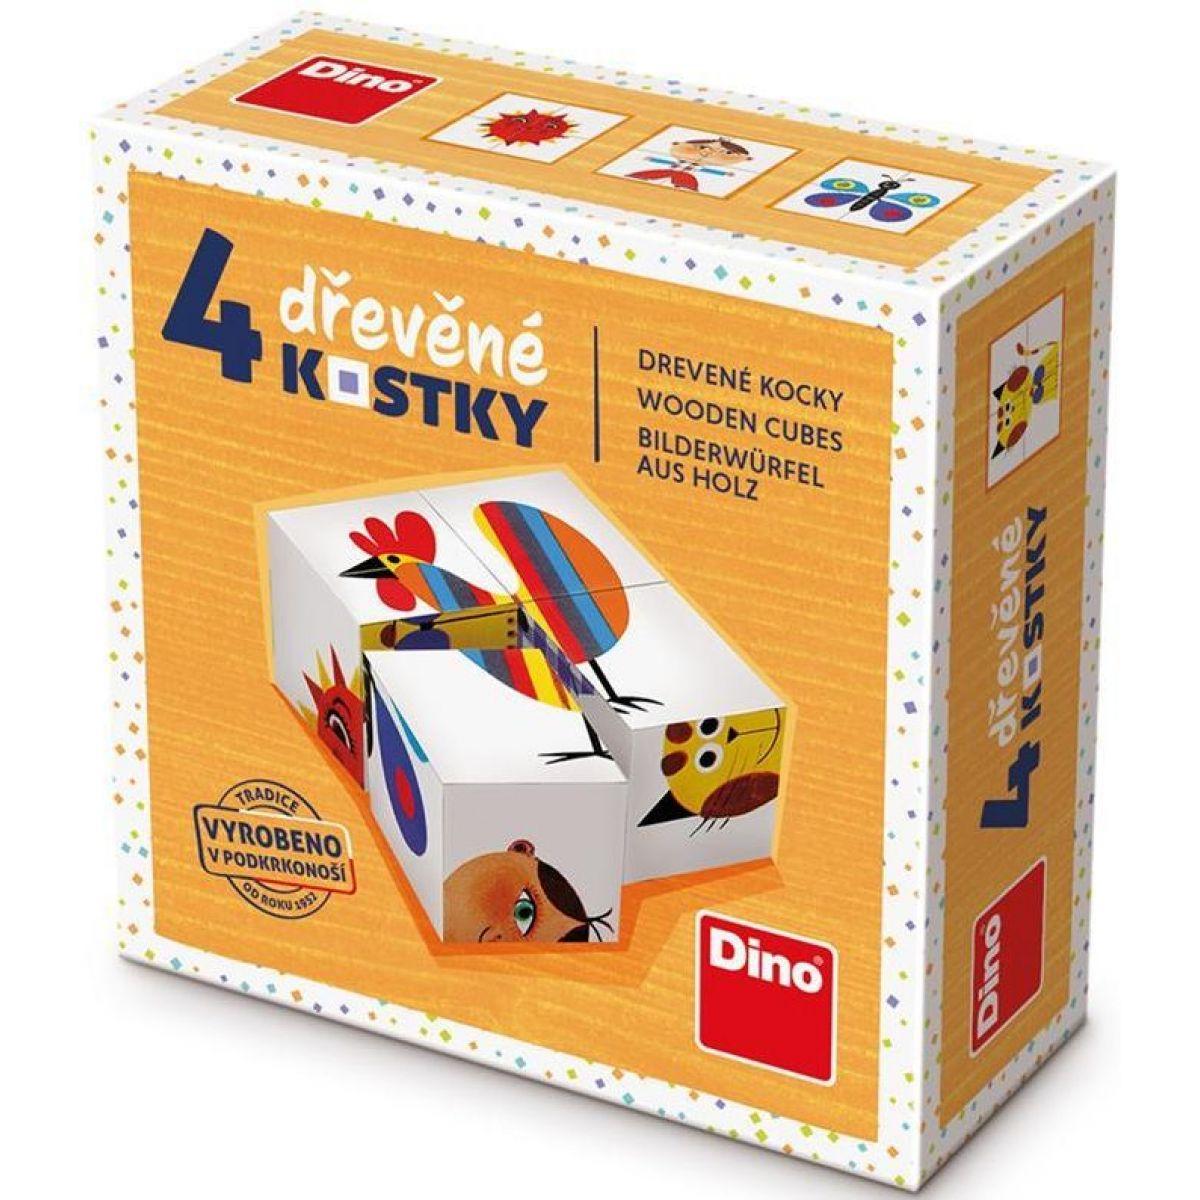 Dino Kohút drevené kocky 4 ks